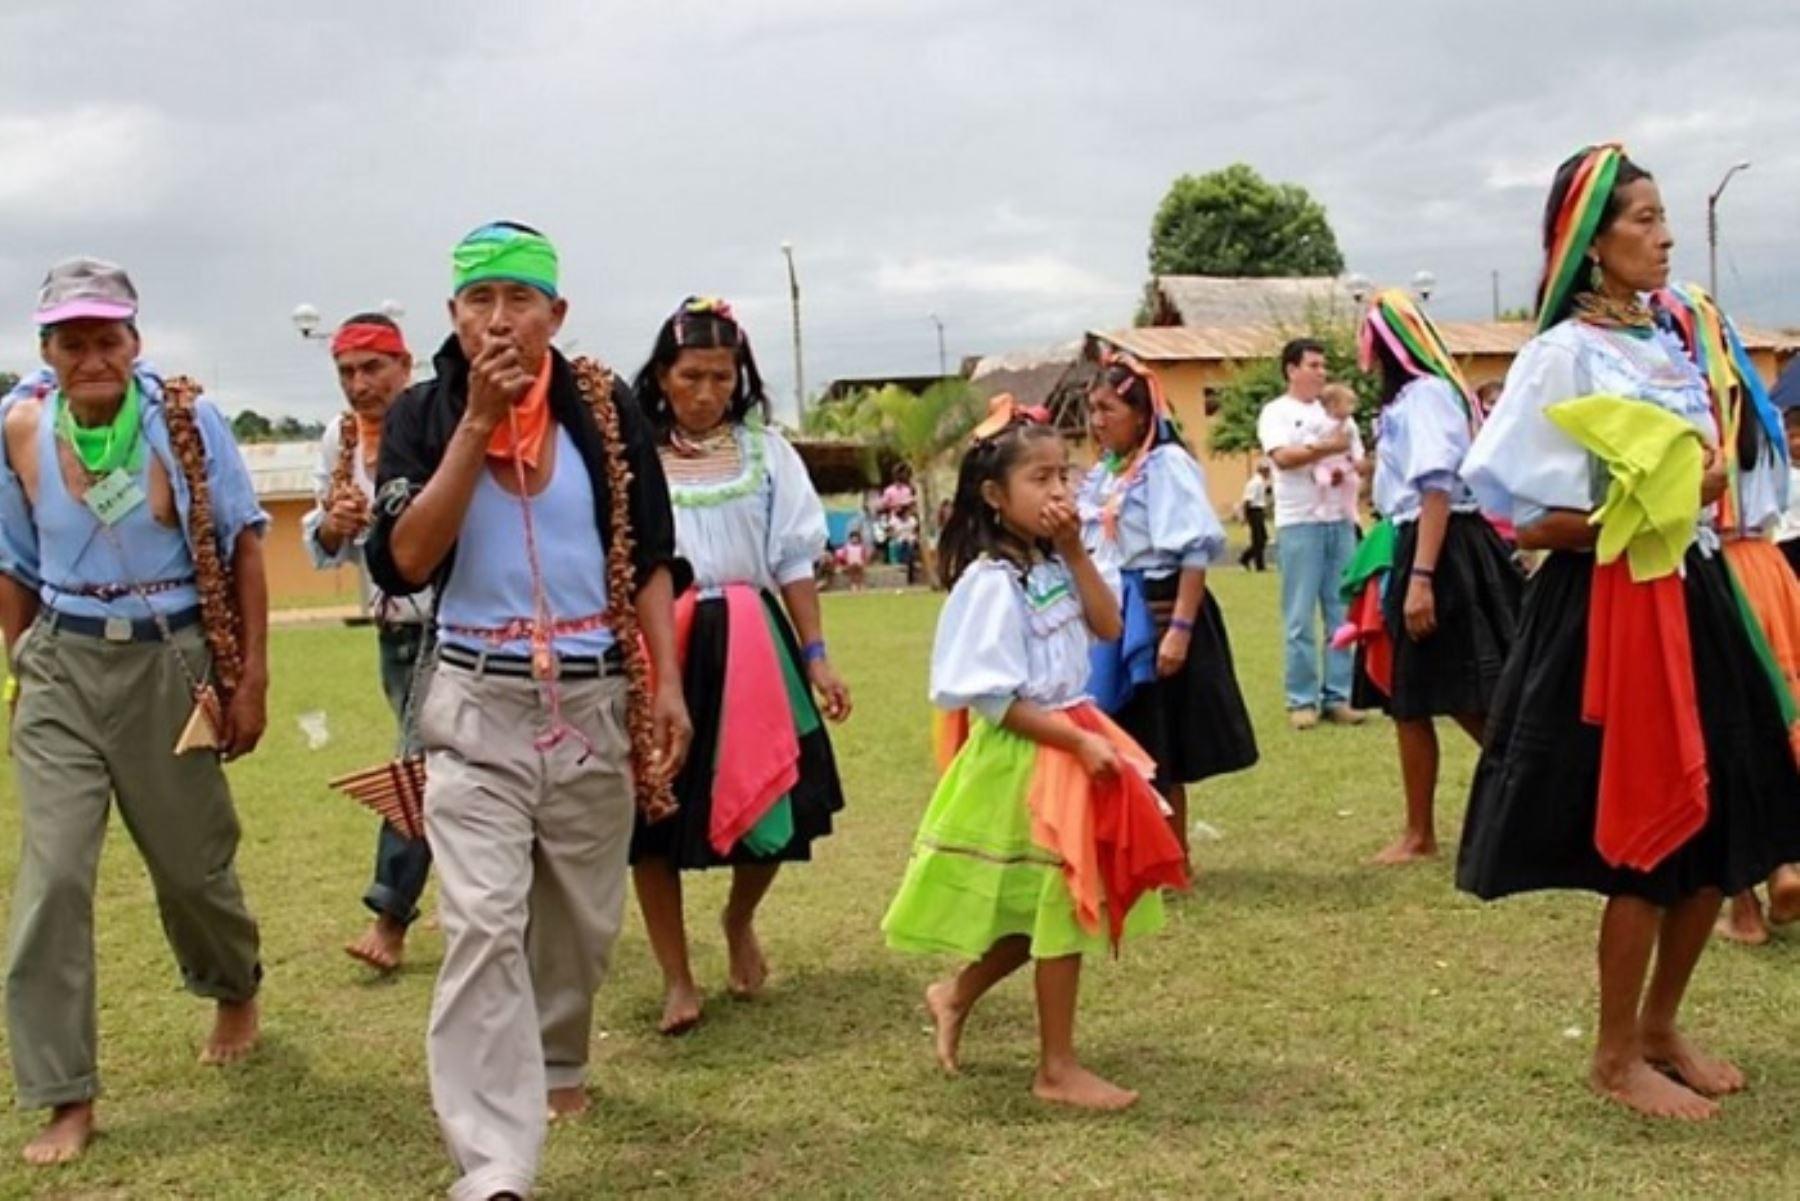 El Organismo de Formalización de la Propiedad Informal (Cofopri) entregará mañana jueves 1,476 títulos de propiedad rurales en la ciudad de Lamas, en el departamento de San Martín, durante una ceremonia que se desarrollará en la plaza del barrio nativo Huayco.